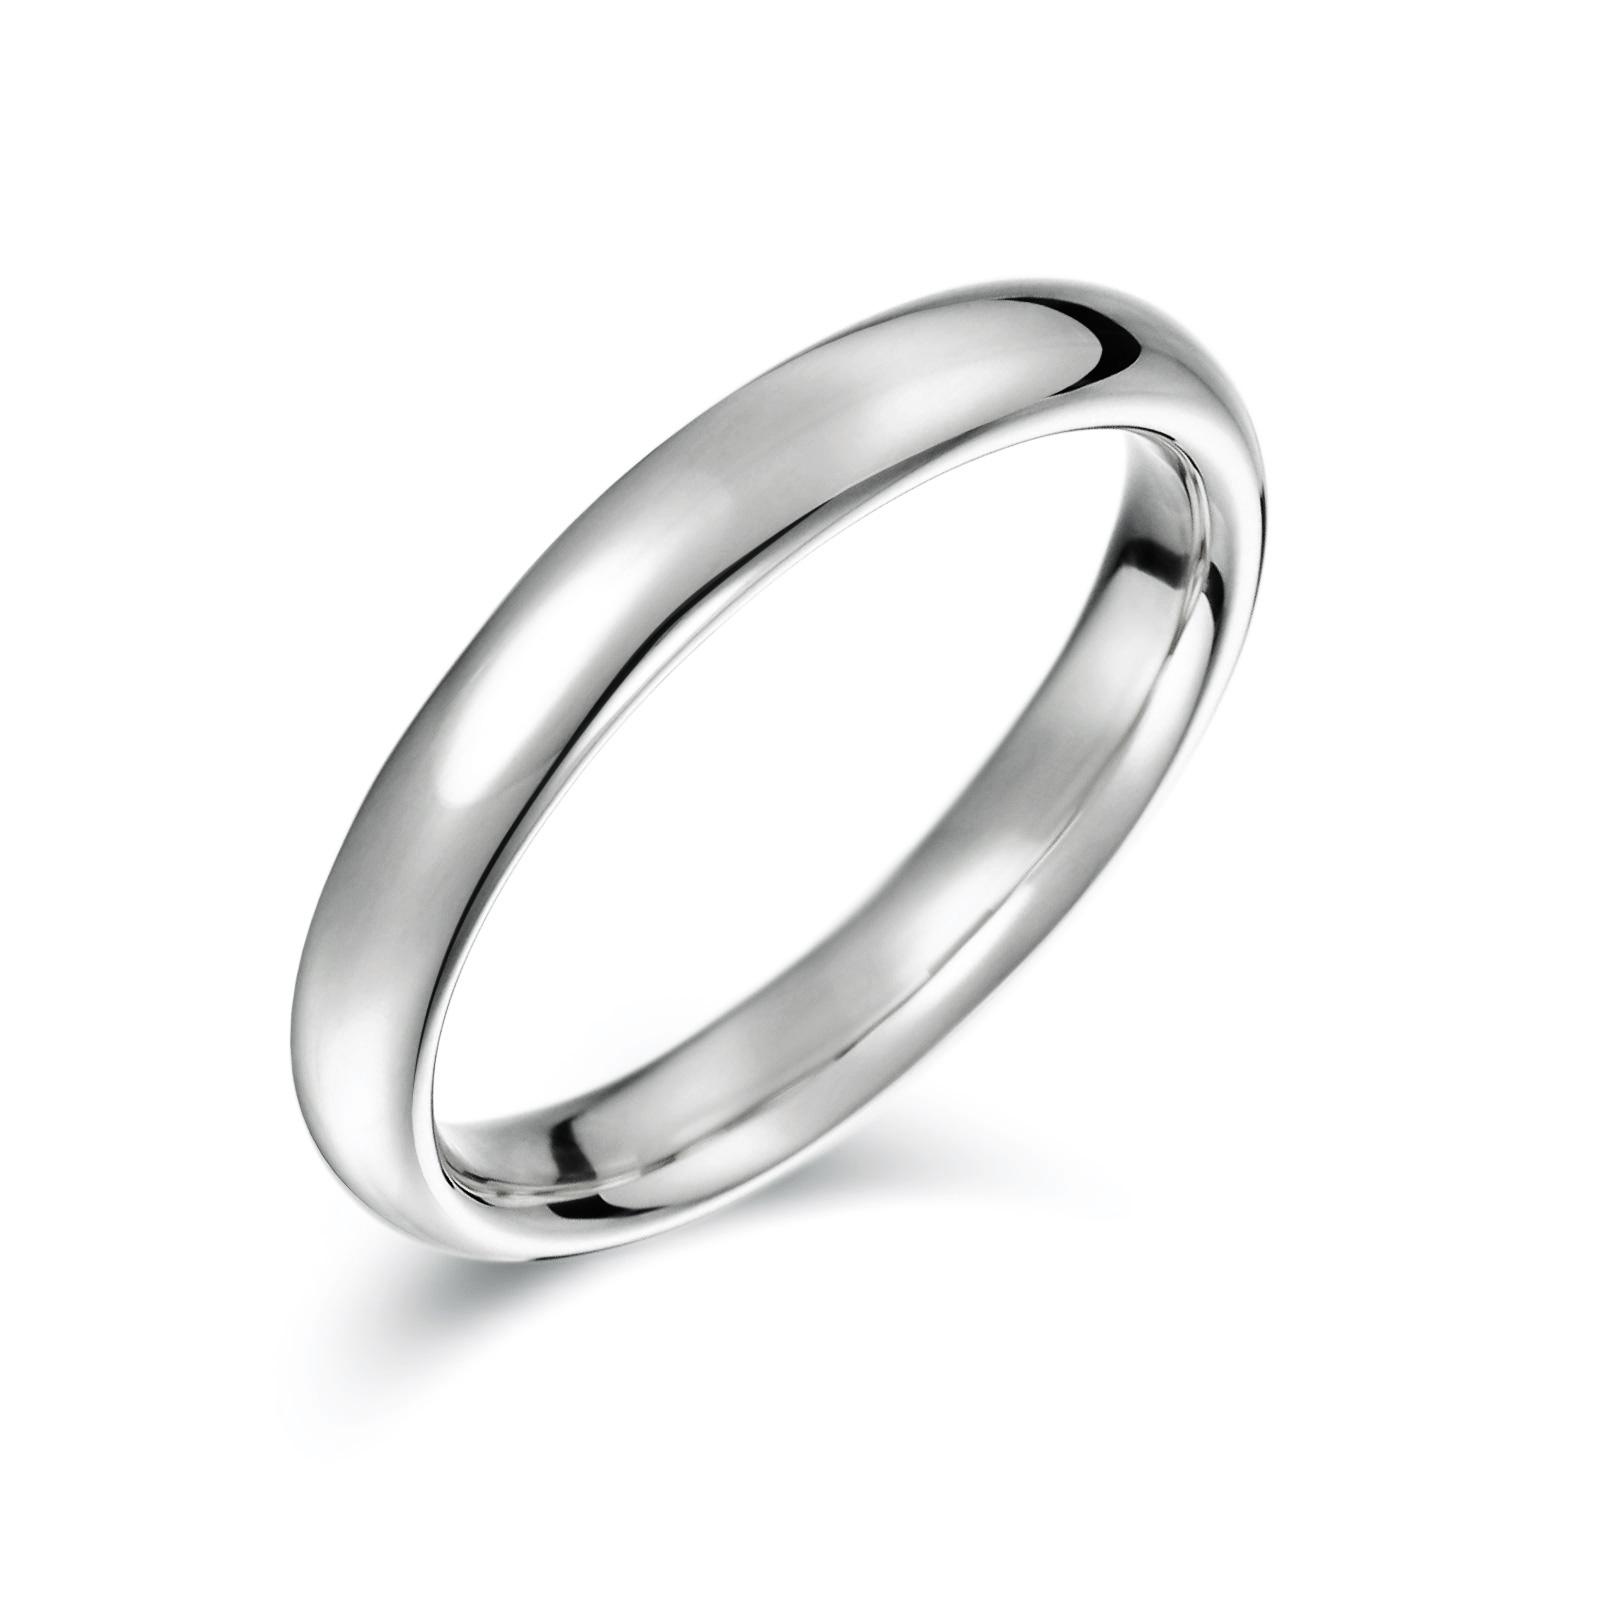 結婚指輪No1 男女兼用 プラチナ